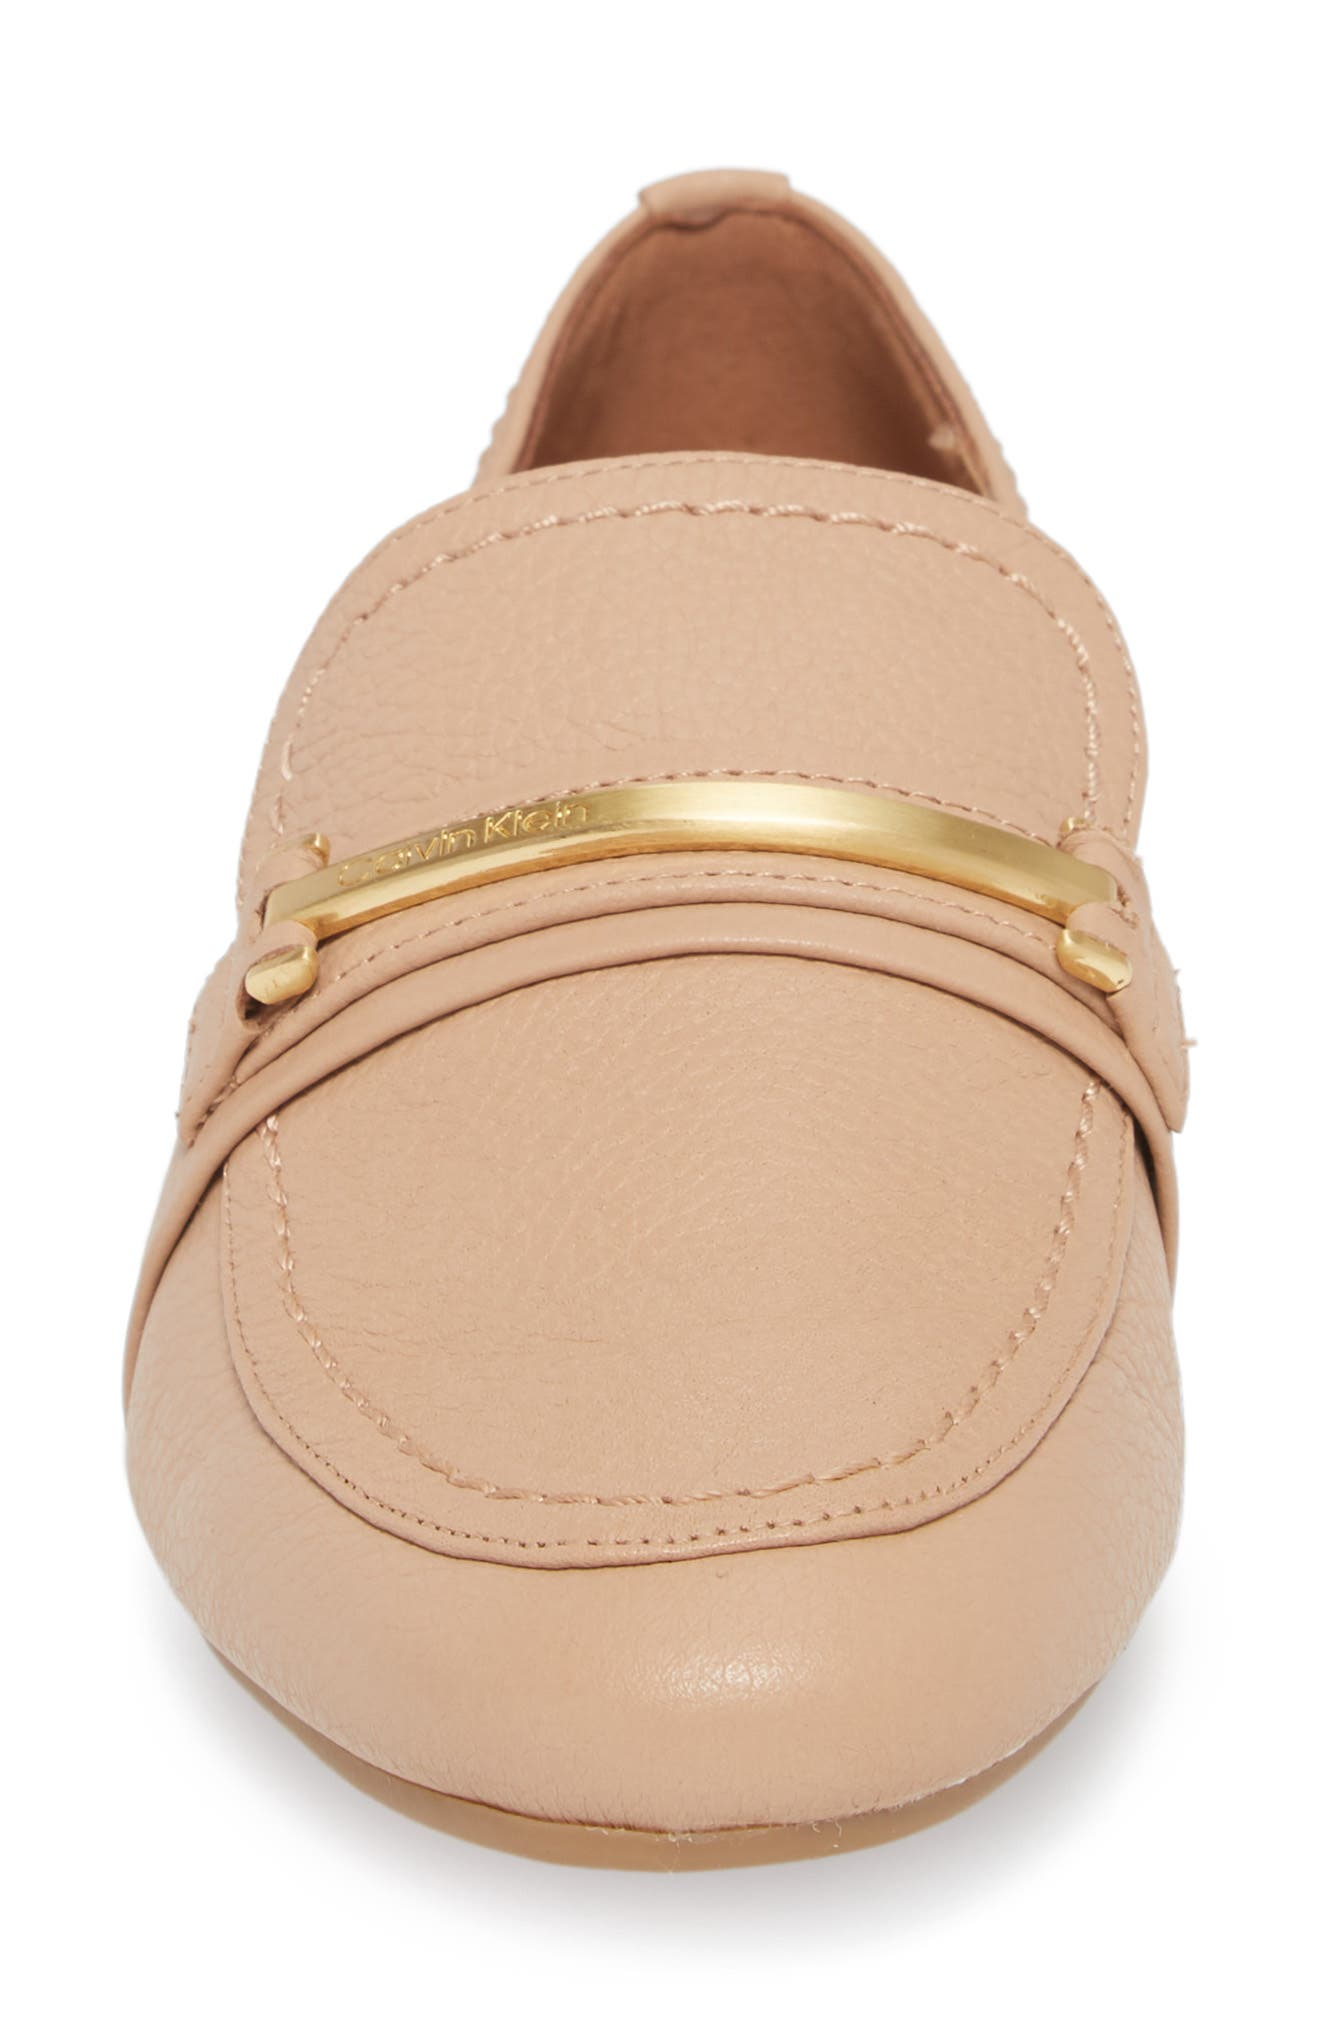 Orianna Loafer,                             Alternate thumbnail 4, color,                             Desert Sand Leather